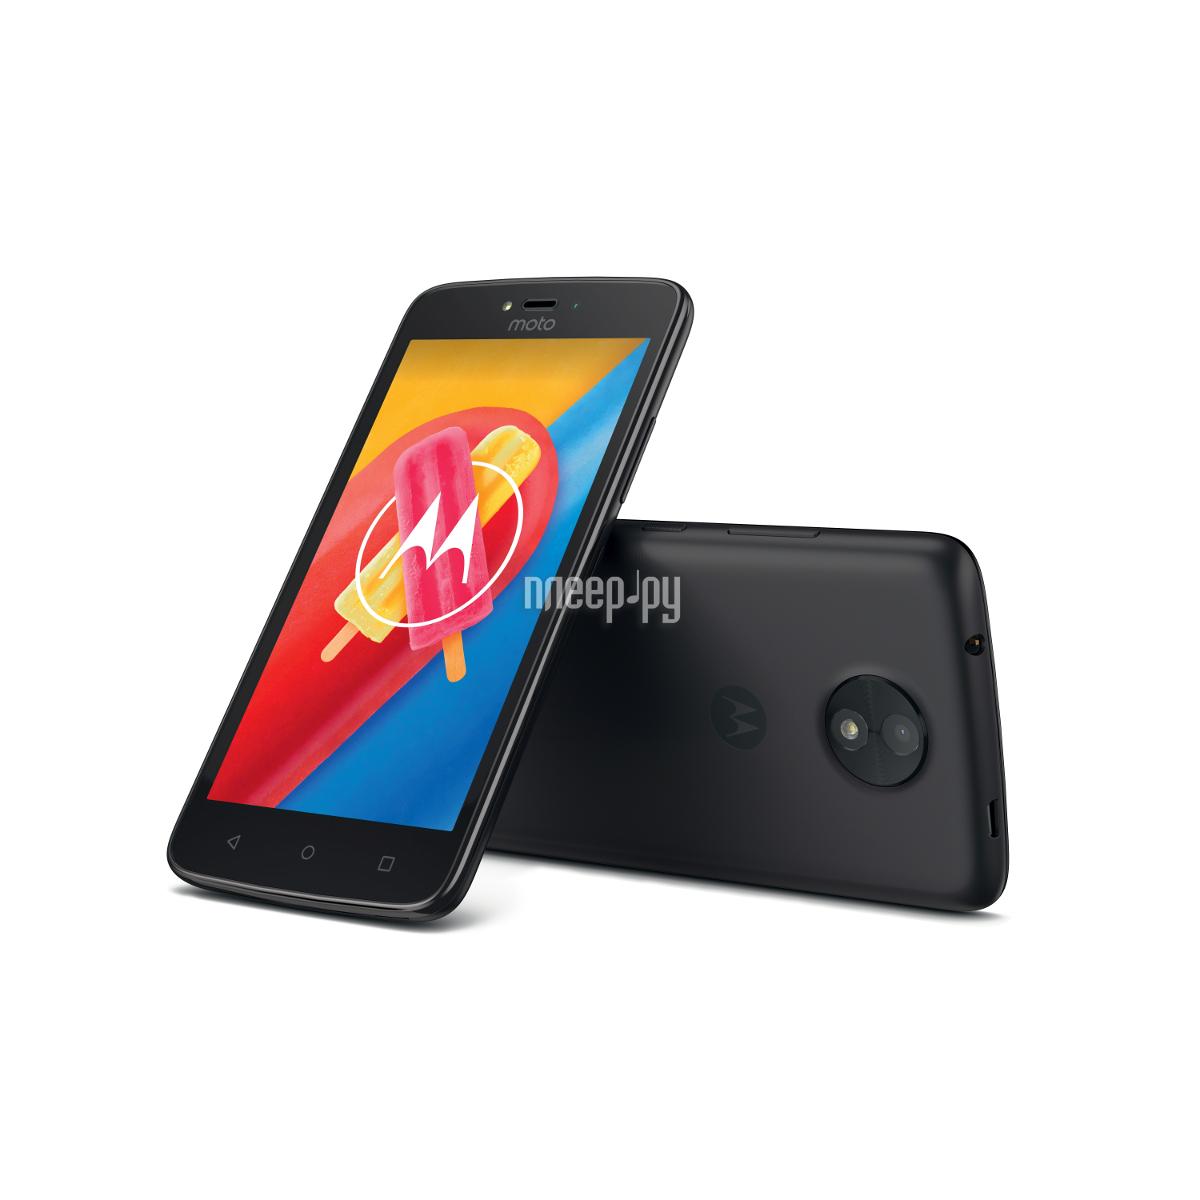 Сотовый телефон Motorola Moto C LTE 16Gb XT1754 Starry Black